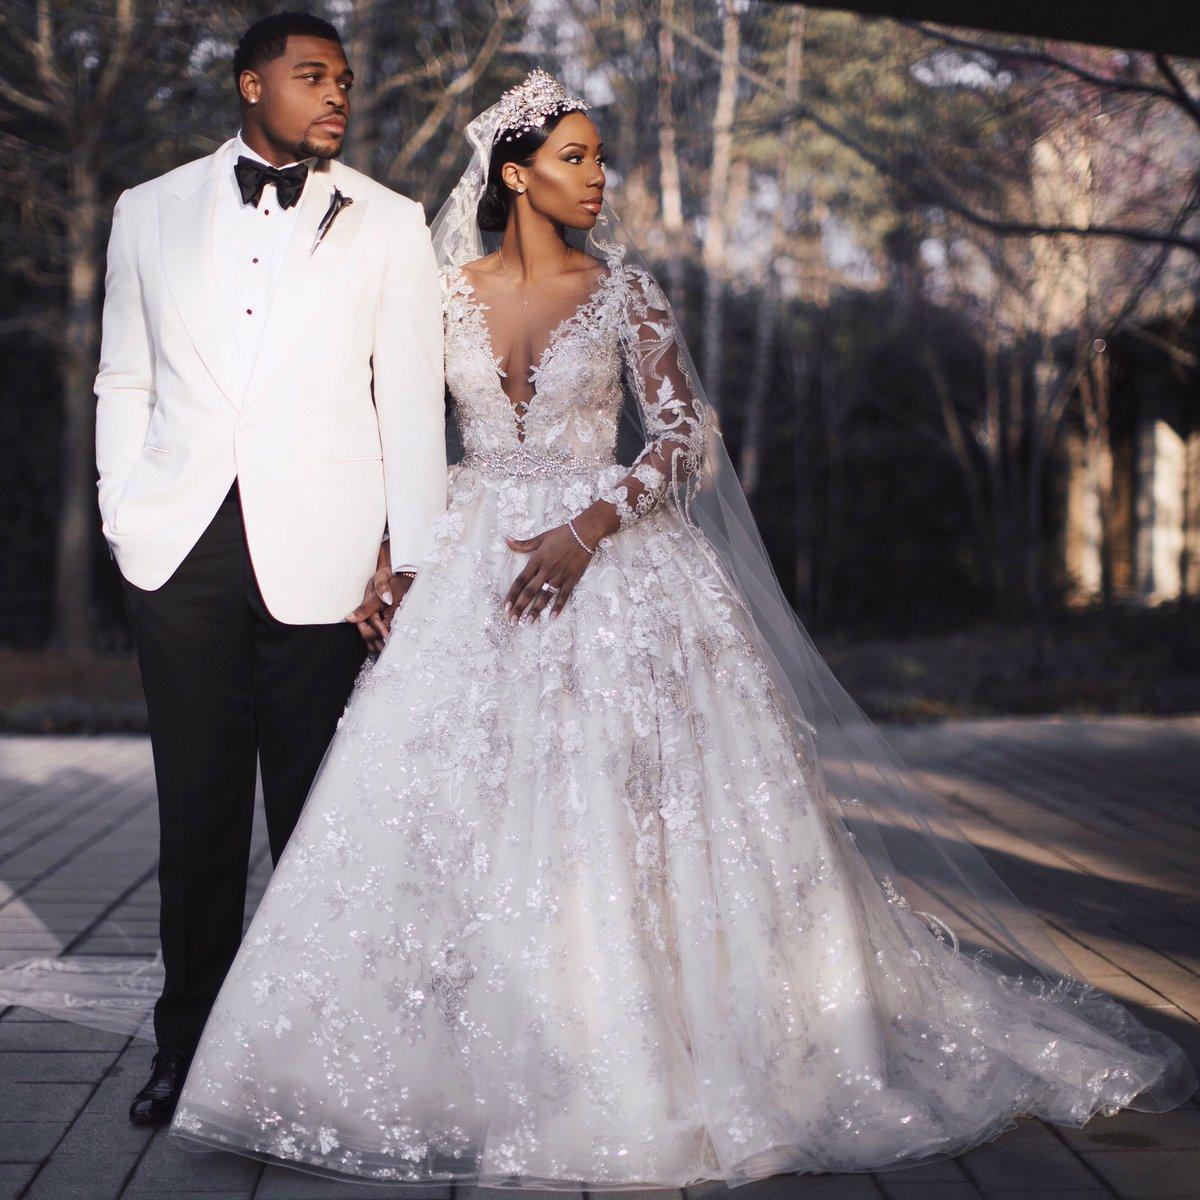 Vintage Luxus Afrika Spitze Applique Eine Linie Brautkleider 2021 Lange Ärmel Peer Hals Perlen Perlen Bridal Gowns Custom Made Plus Size